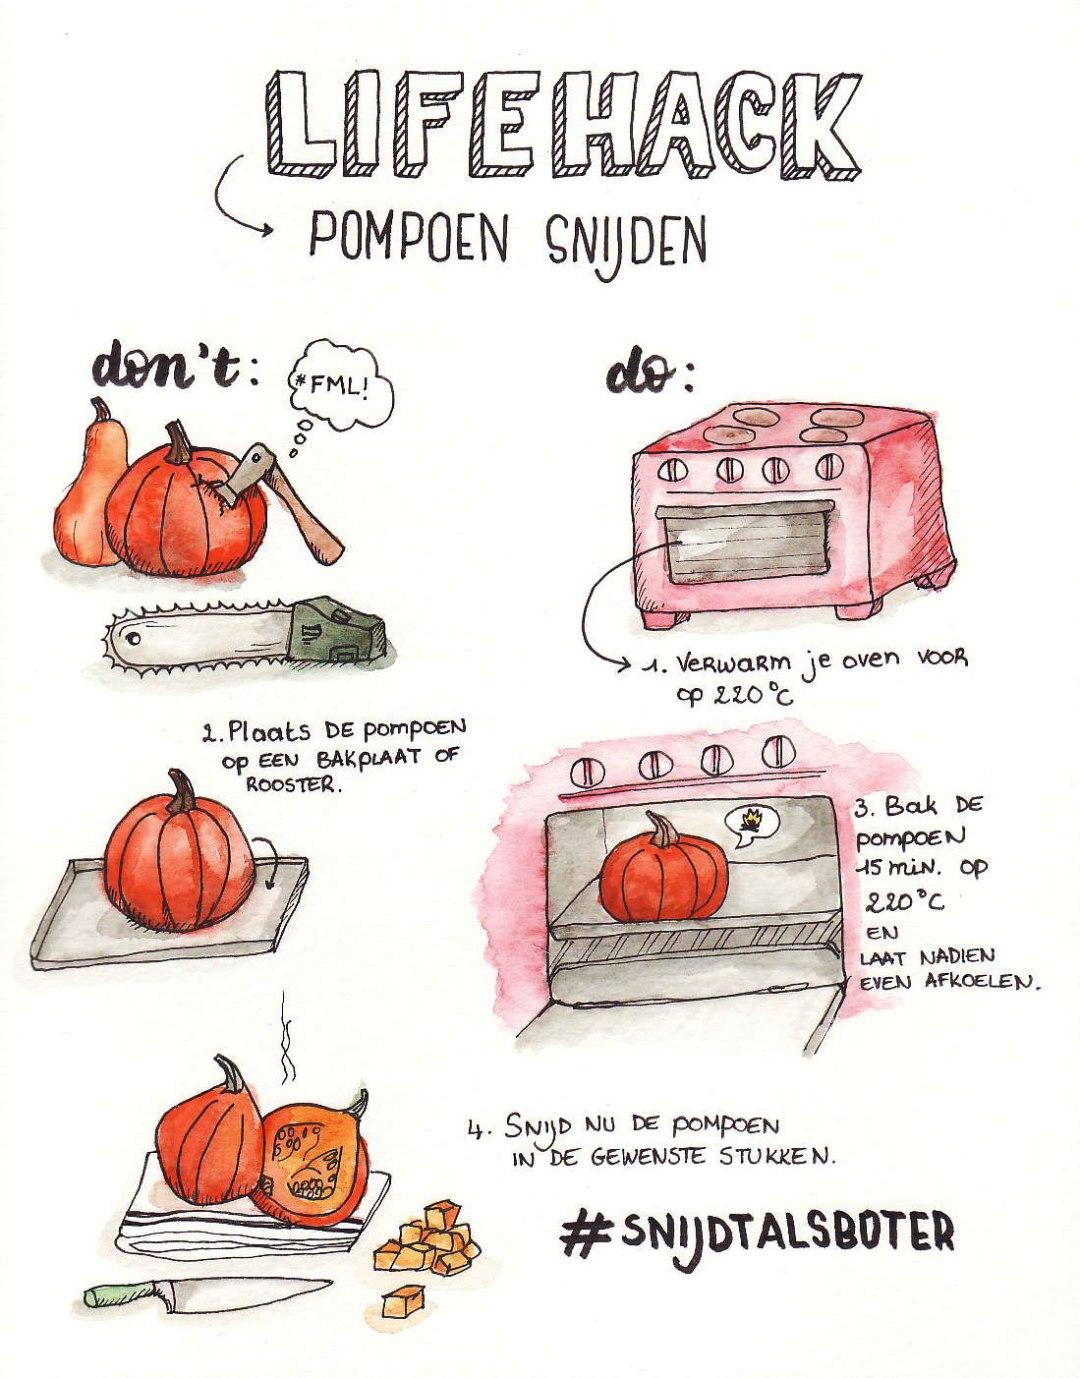 Lifehack om eenvoudig je pompoen te versnijden